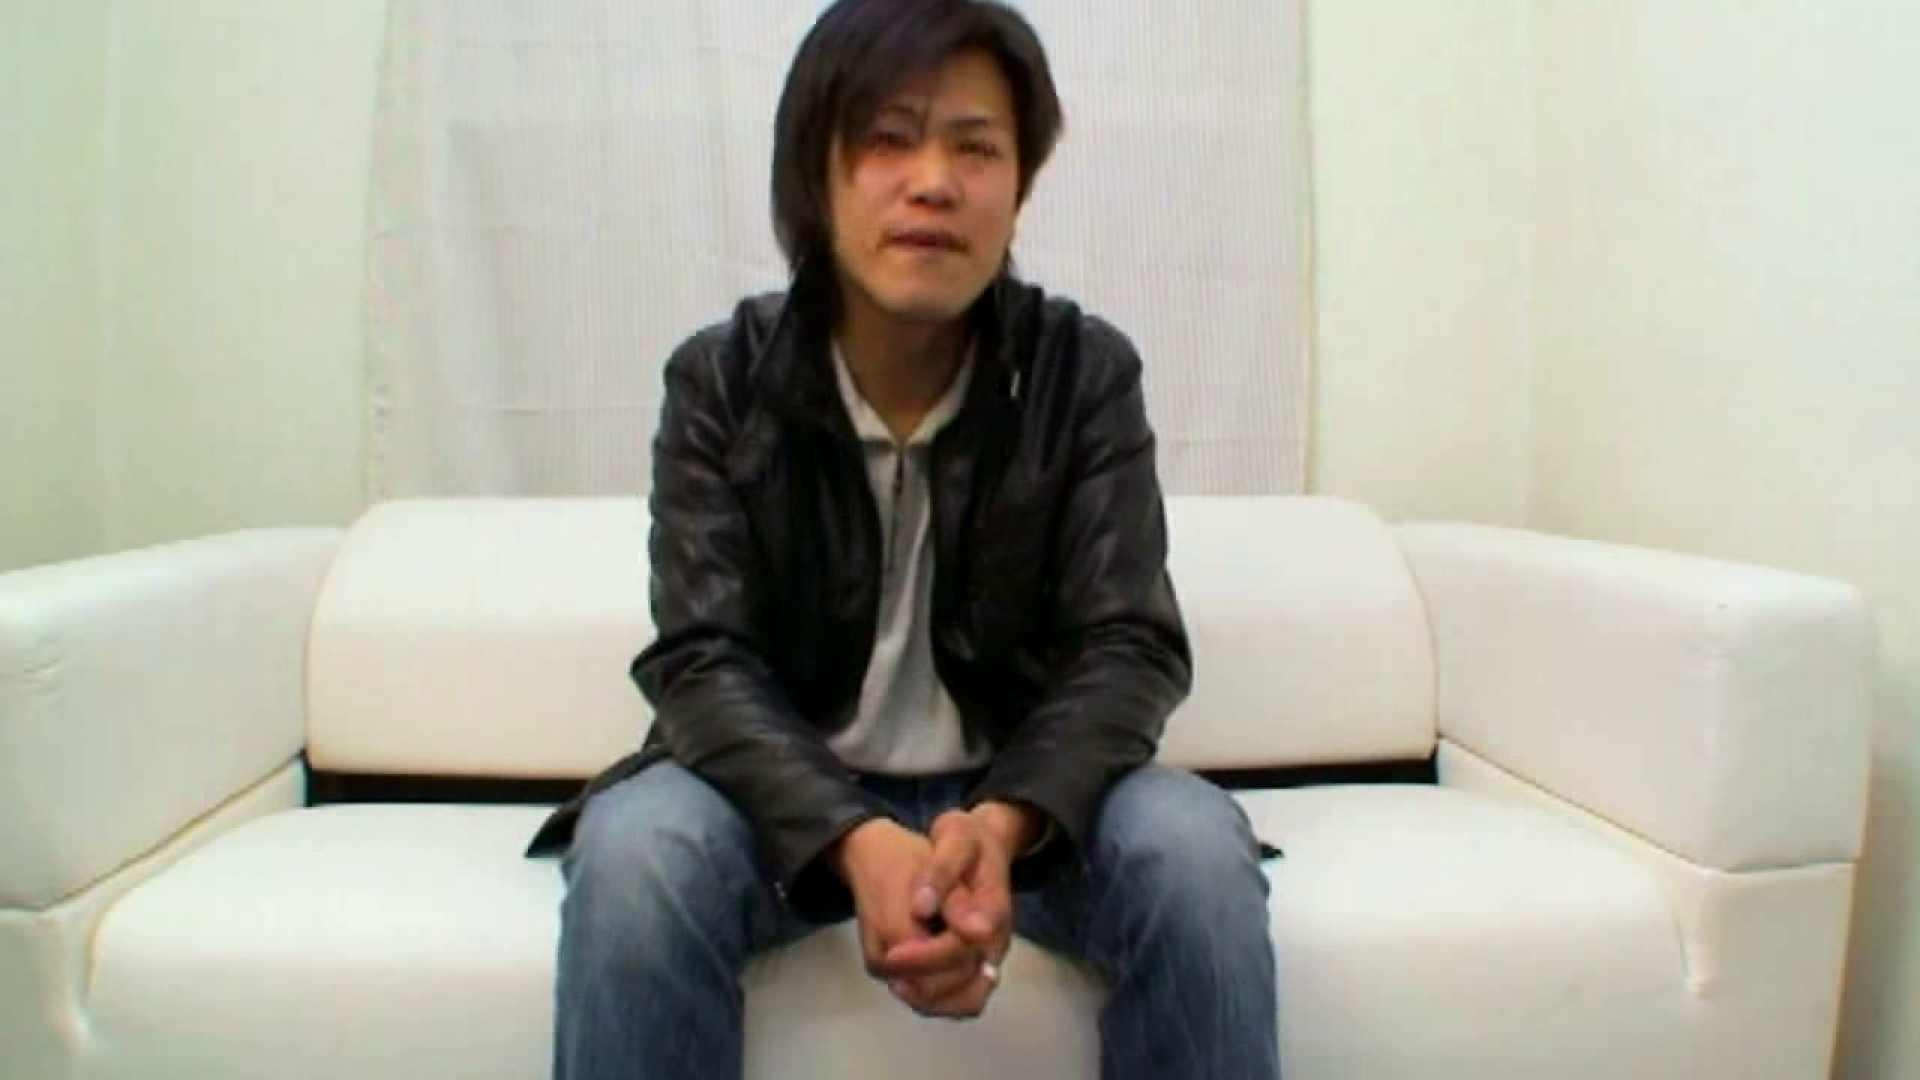 ノンケ!自慰スタジオ No.26 ノンケ君達の・・ | ゲイのオナニー映像  109枚 43